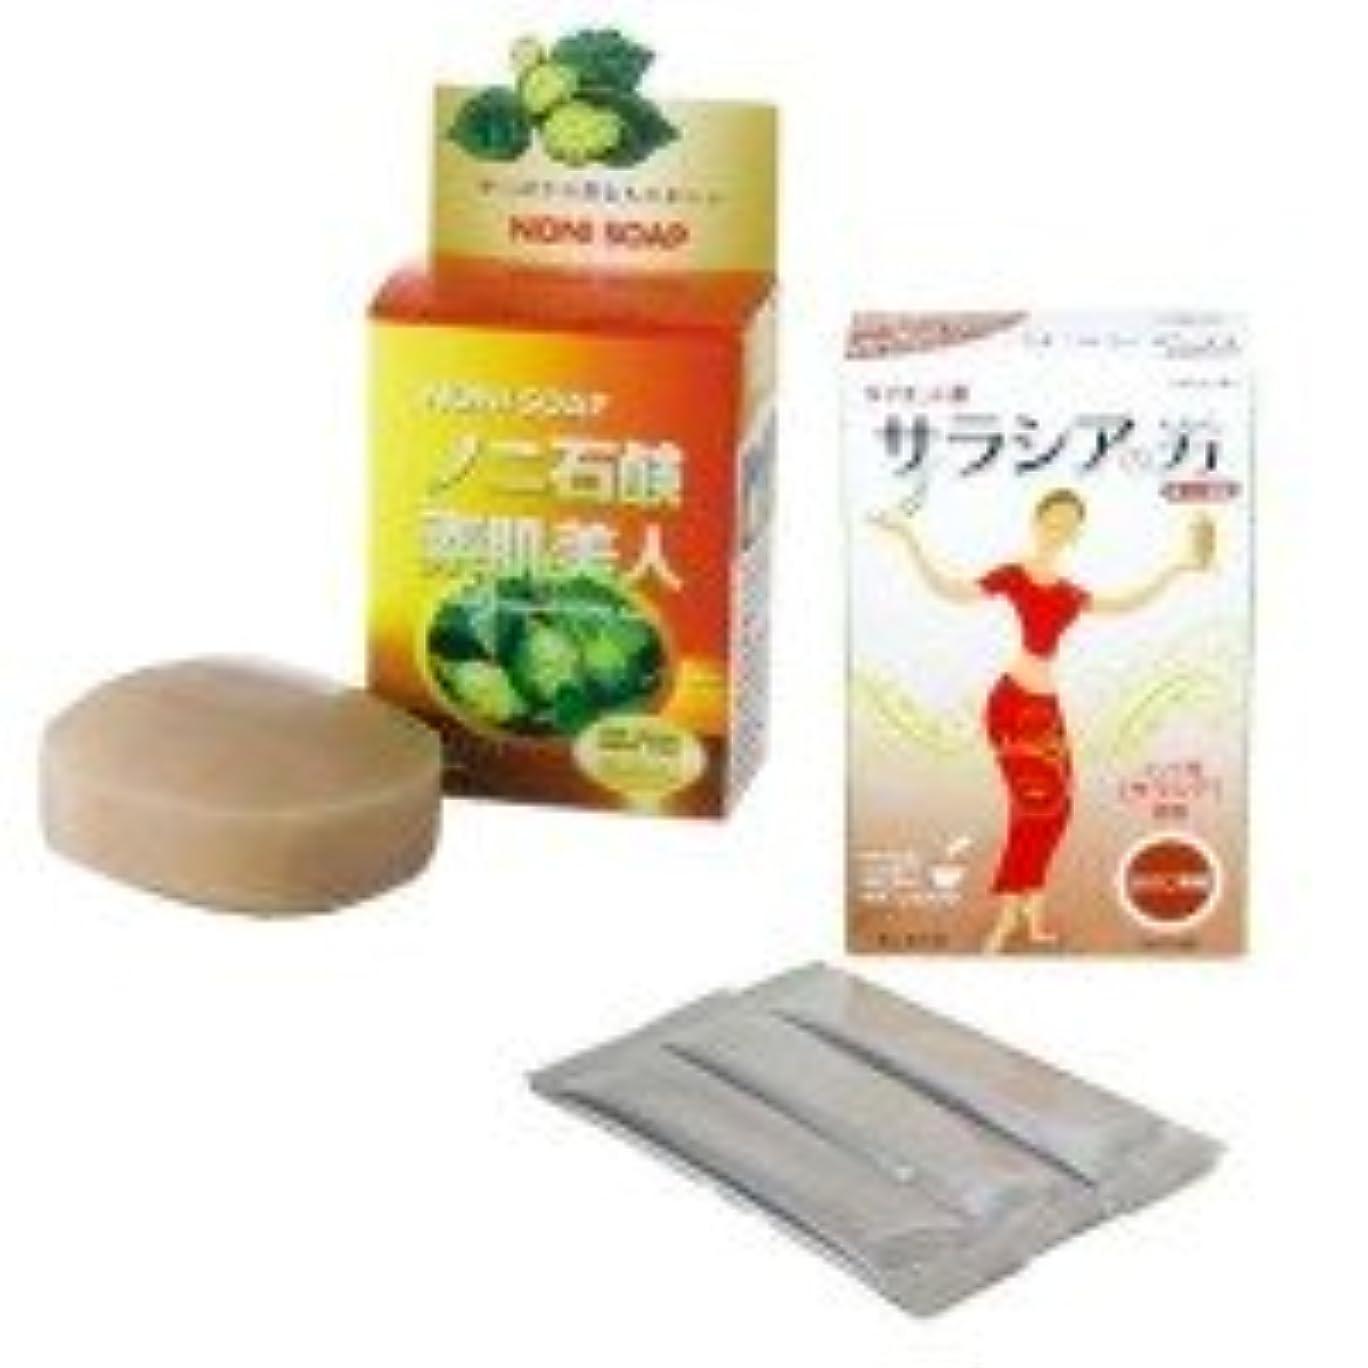 飢え雪ポテトノニ石鹸 素肌美人 100g & サラシアの力 ほうじ茶味 (1g×18包)